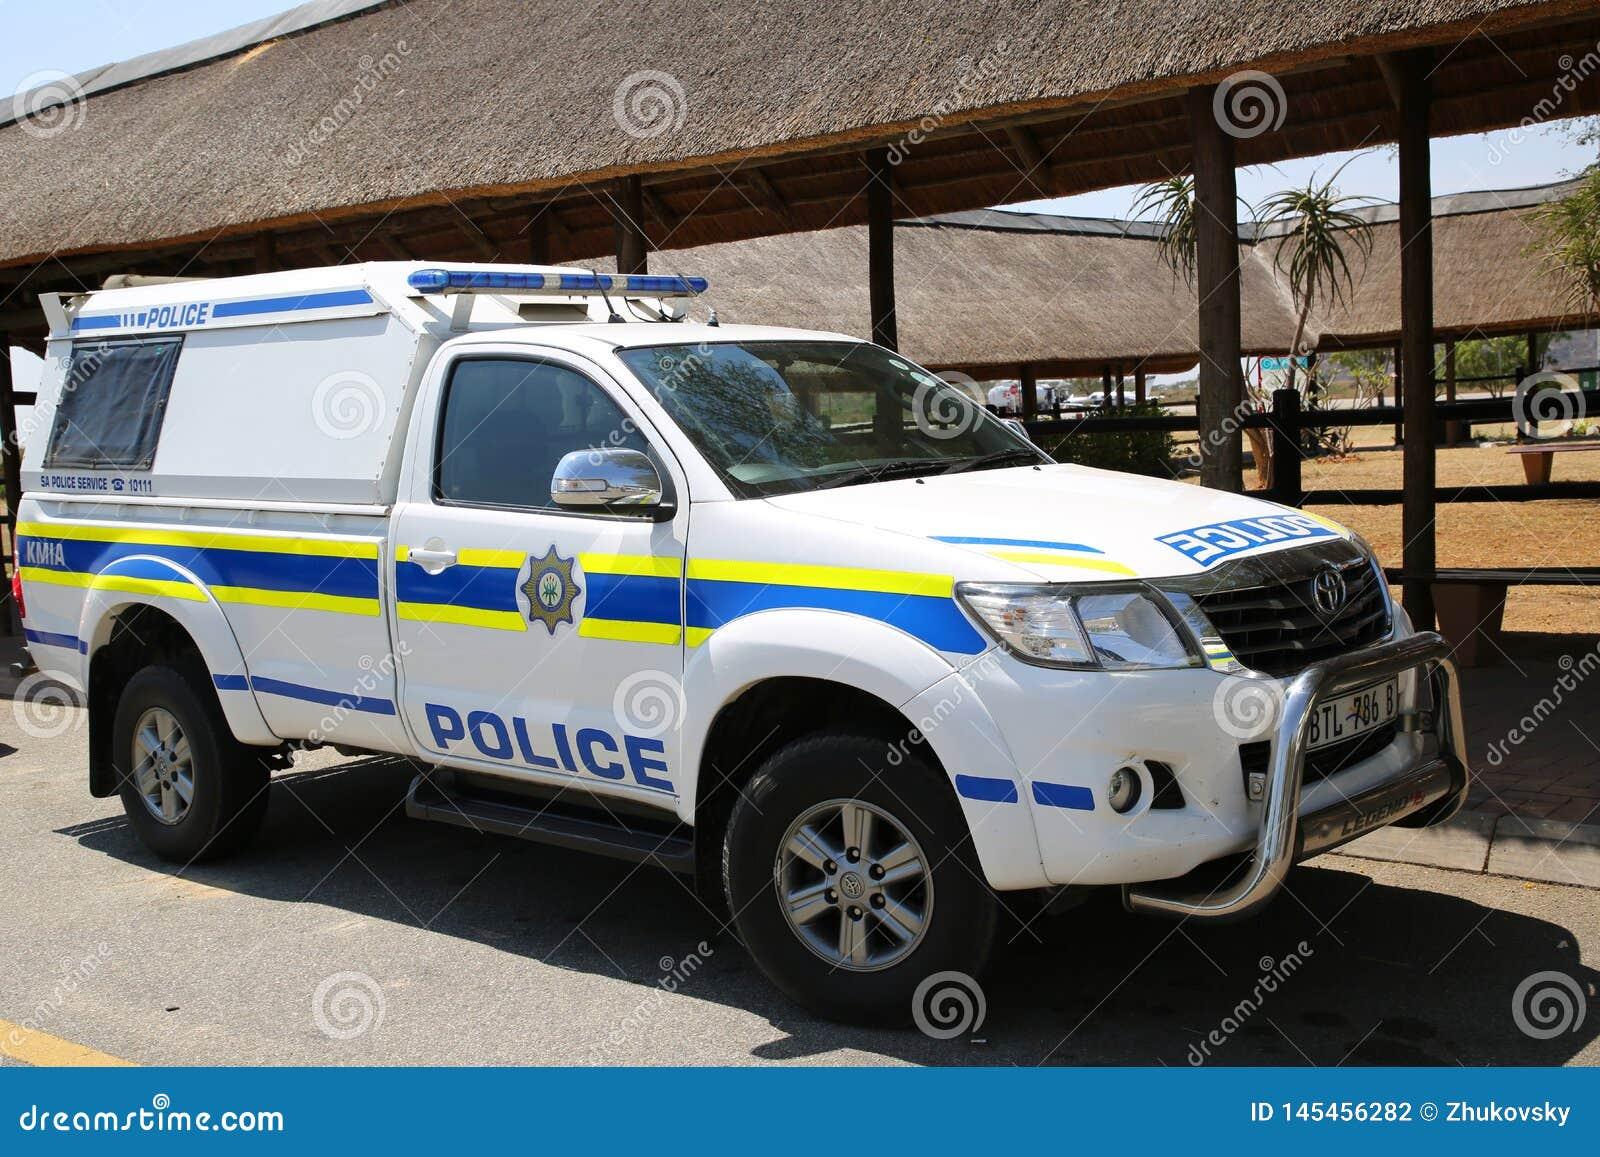 La police sud-africaine fournit la s?curit? en a?roport international de Kruger Mpumalanga, Afrique du Sud